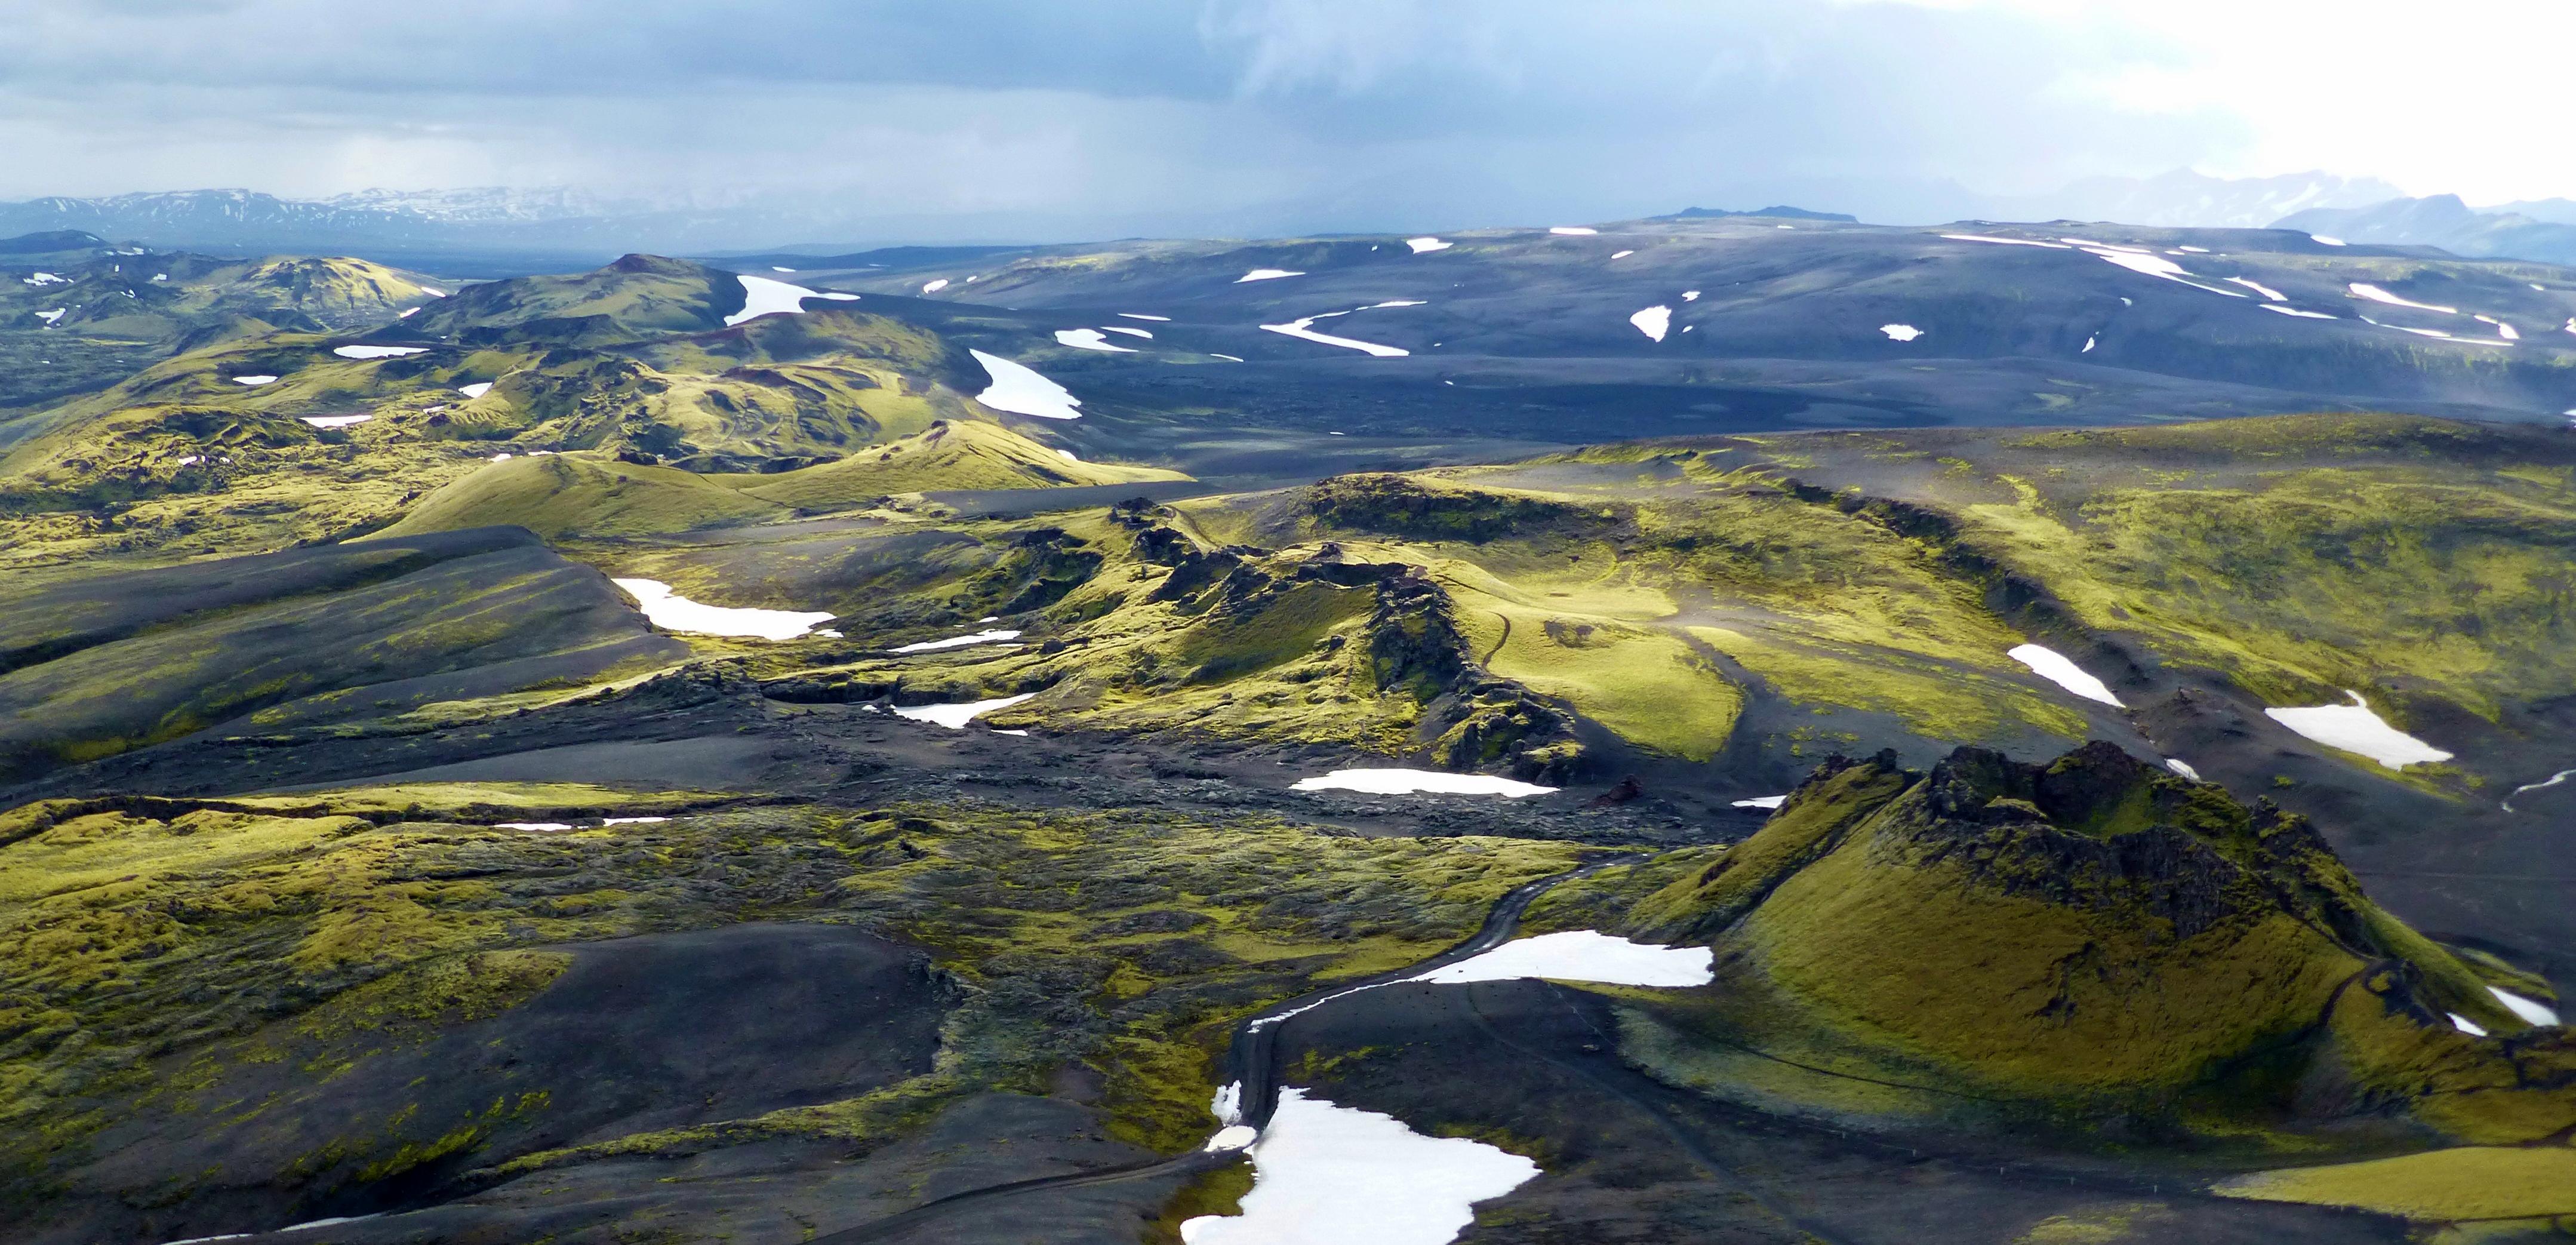 Das isländische Hochland im Süden, Laki Vulkankrater